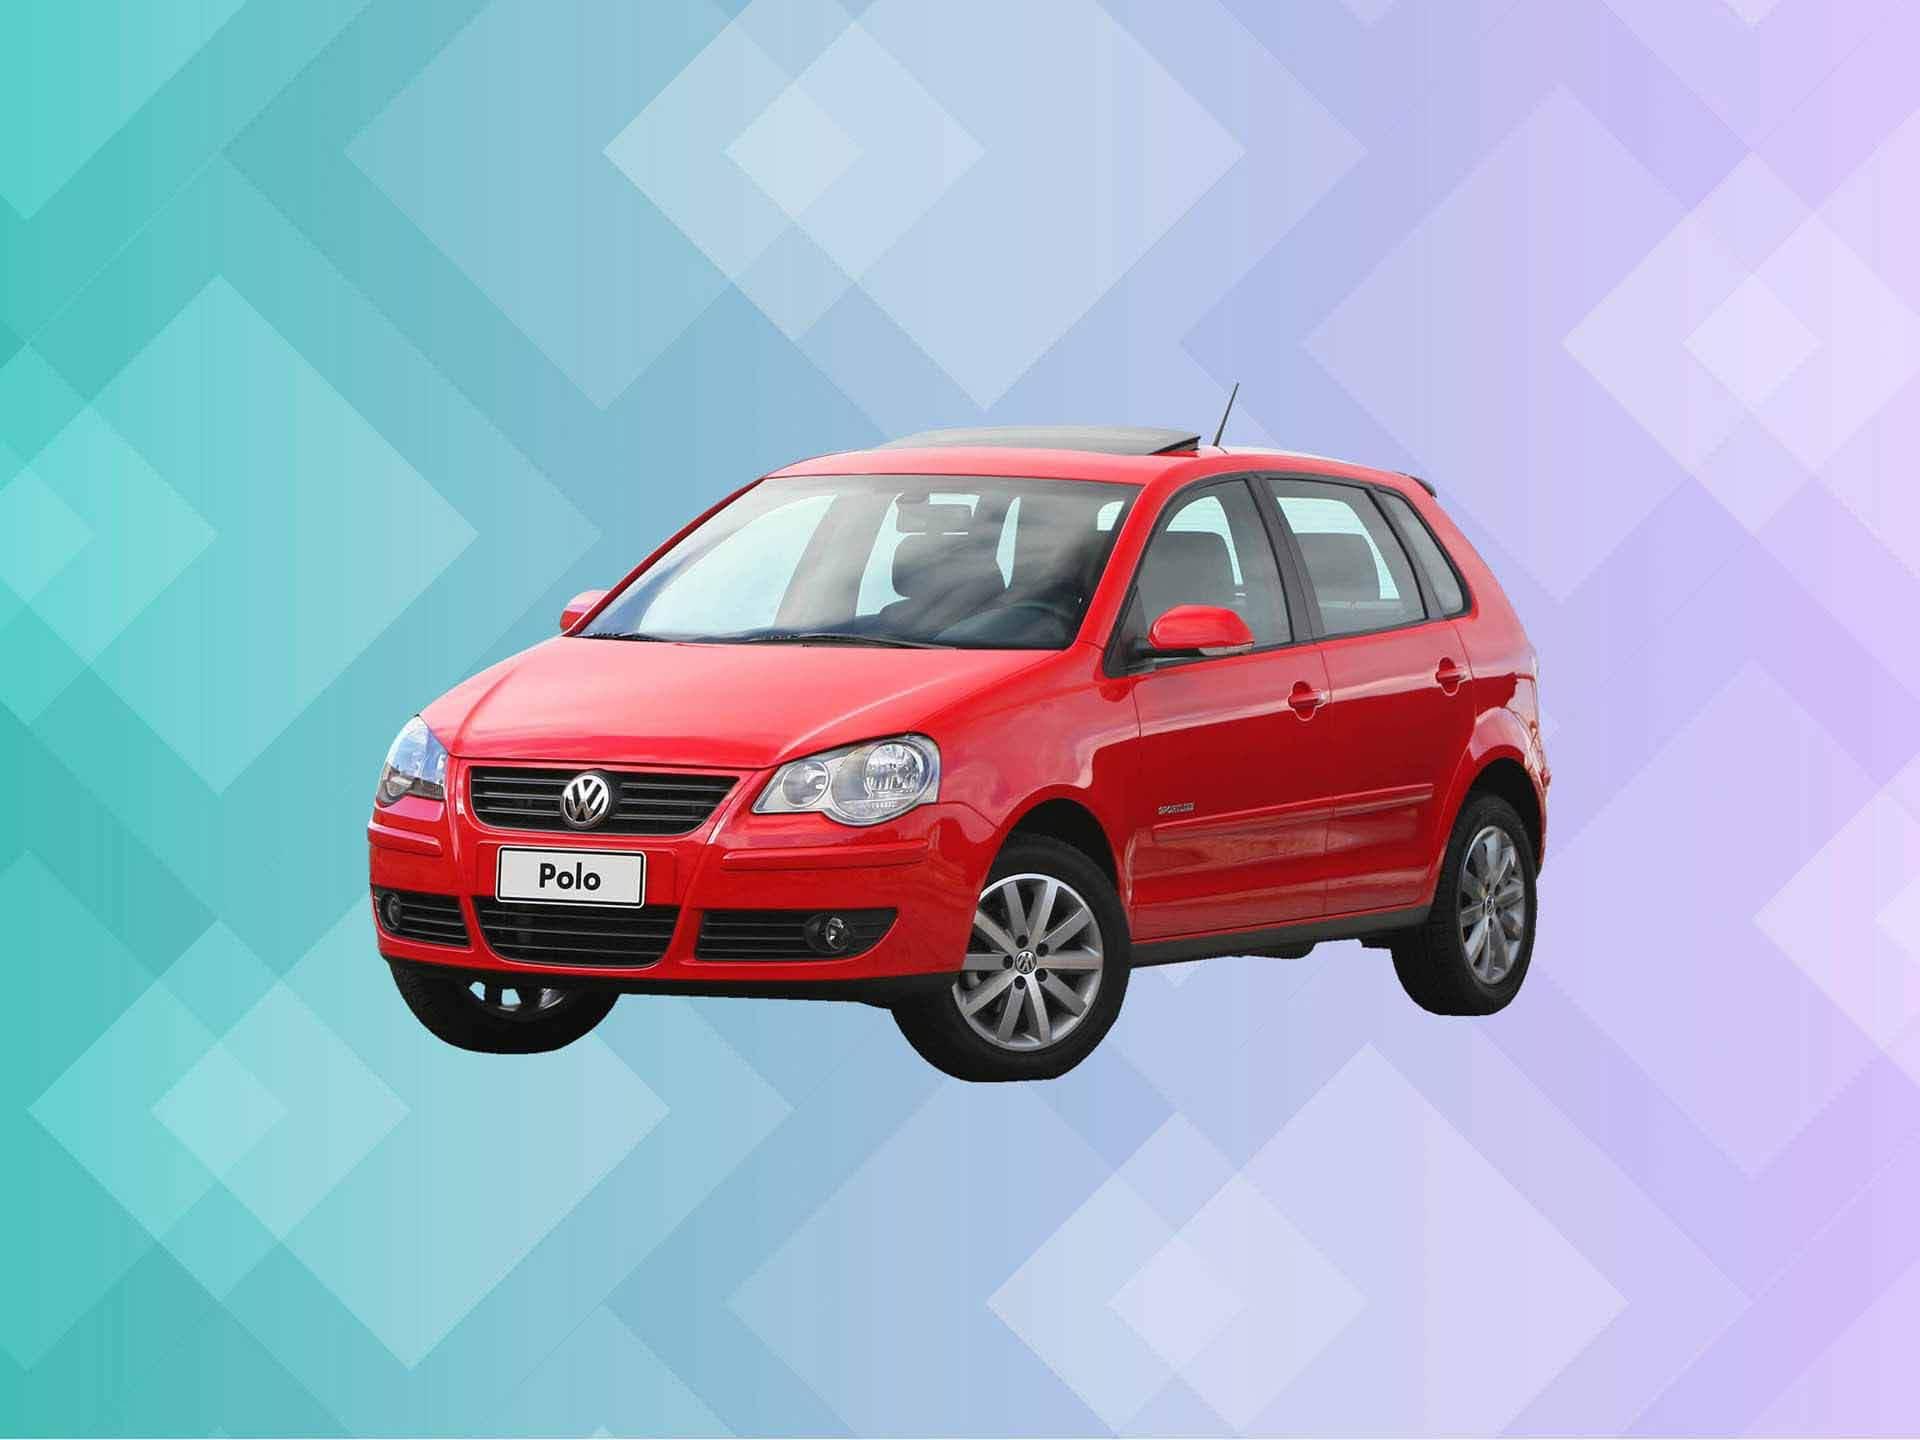 Антикризисный по-украински: опыт покупки дешевого автомобиля из Европы на примере VW Polo 1.4 TDI